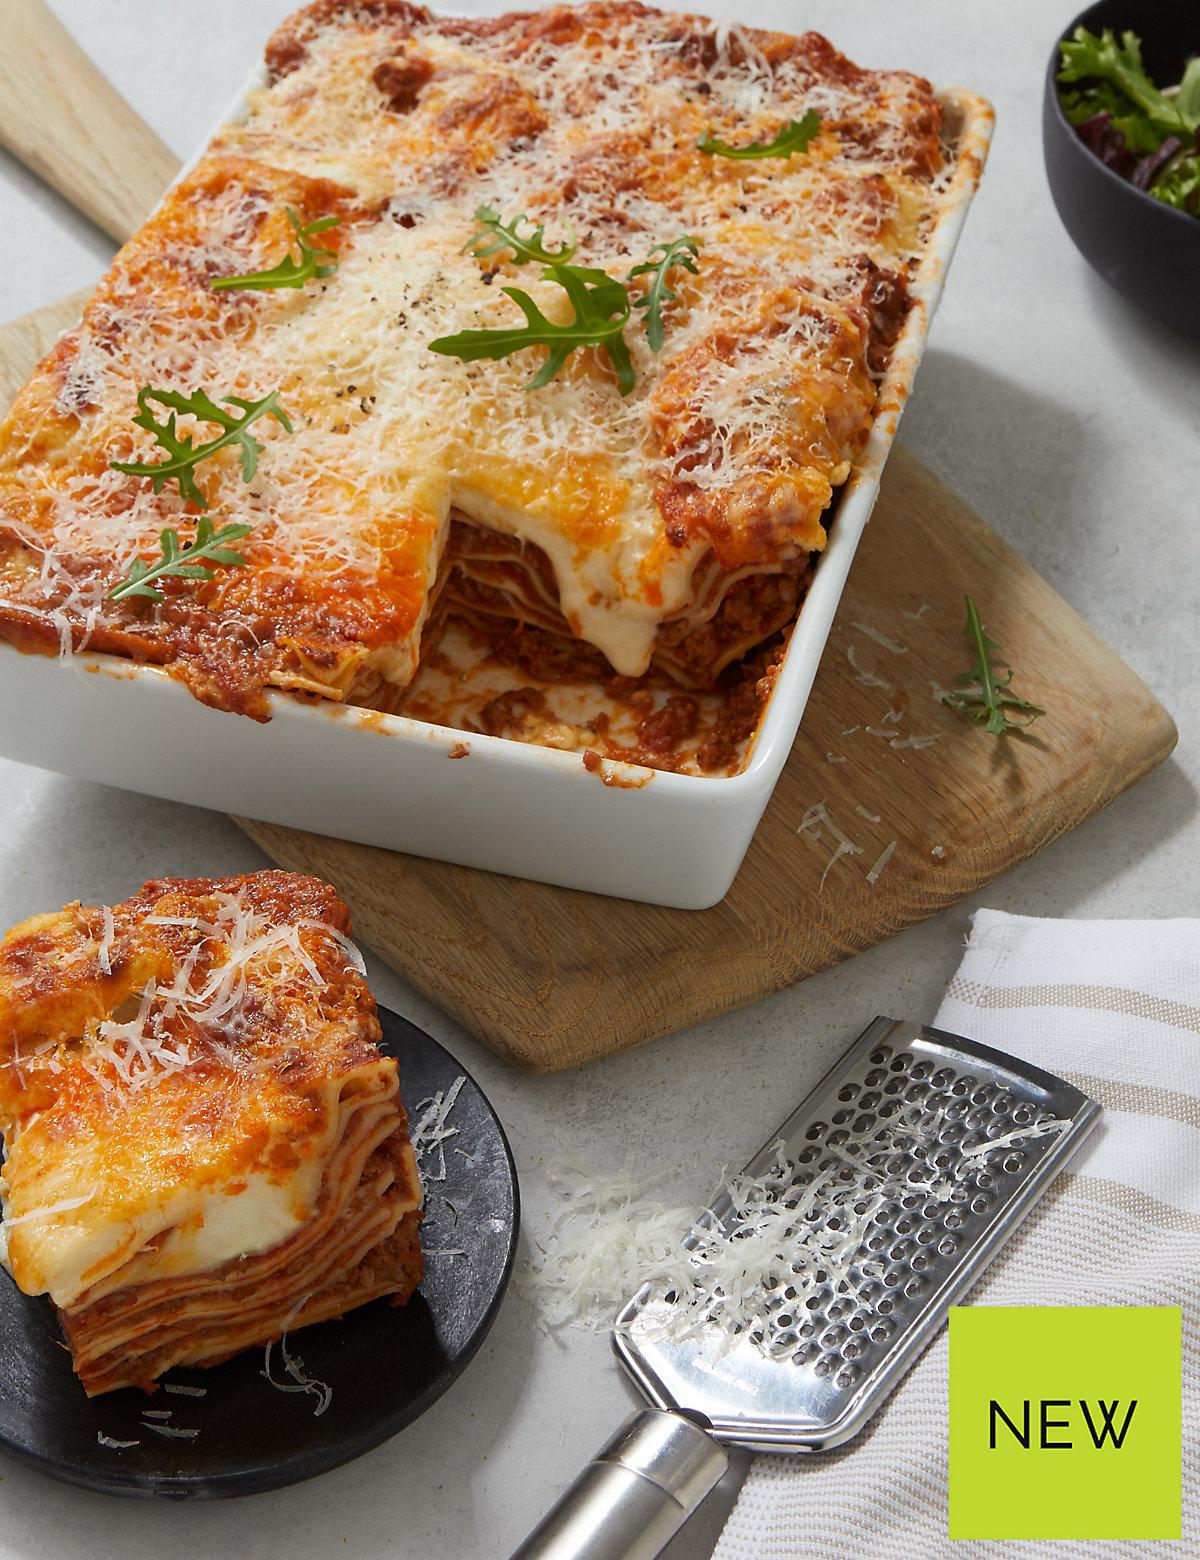 From The Deli Hand-Prepared Lasagne al Forno